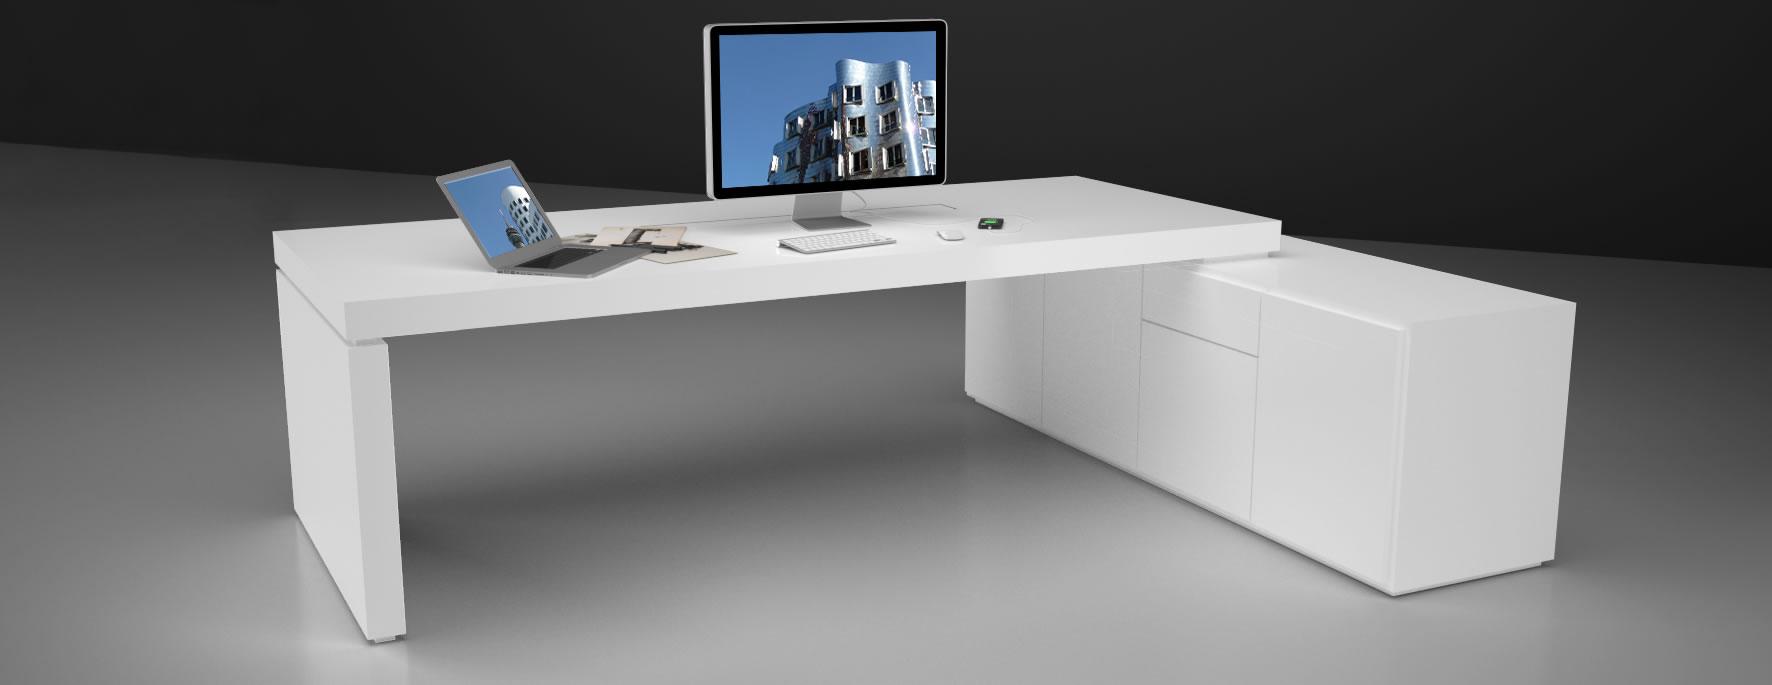 schreibtisch praefectus chefzimmer schreibtisch von rechteck. Black Bedroom Furniture Sets. Home Design Ideas